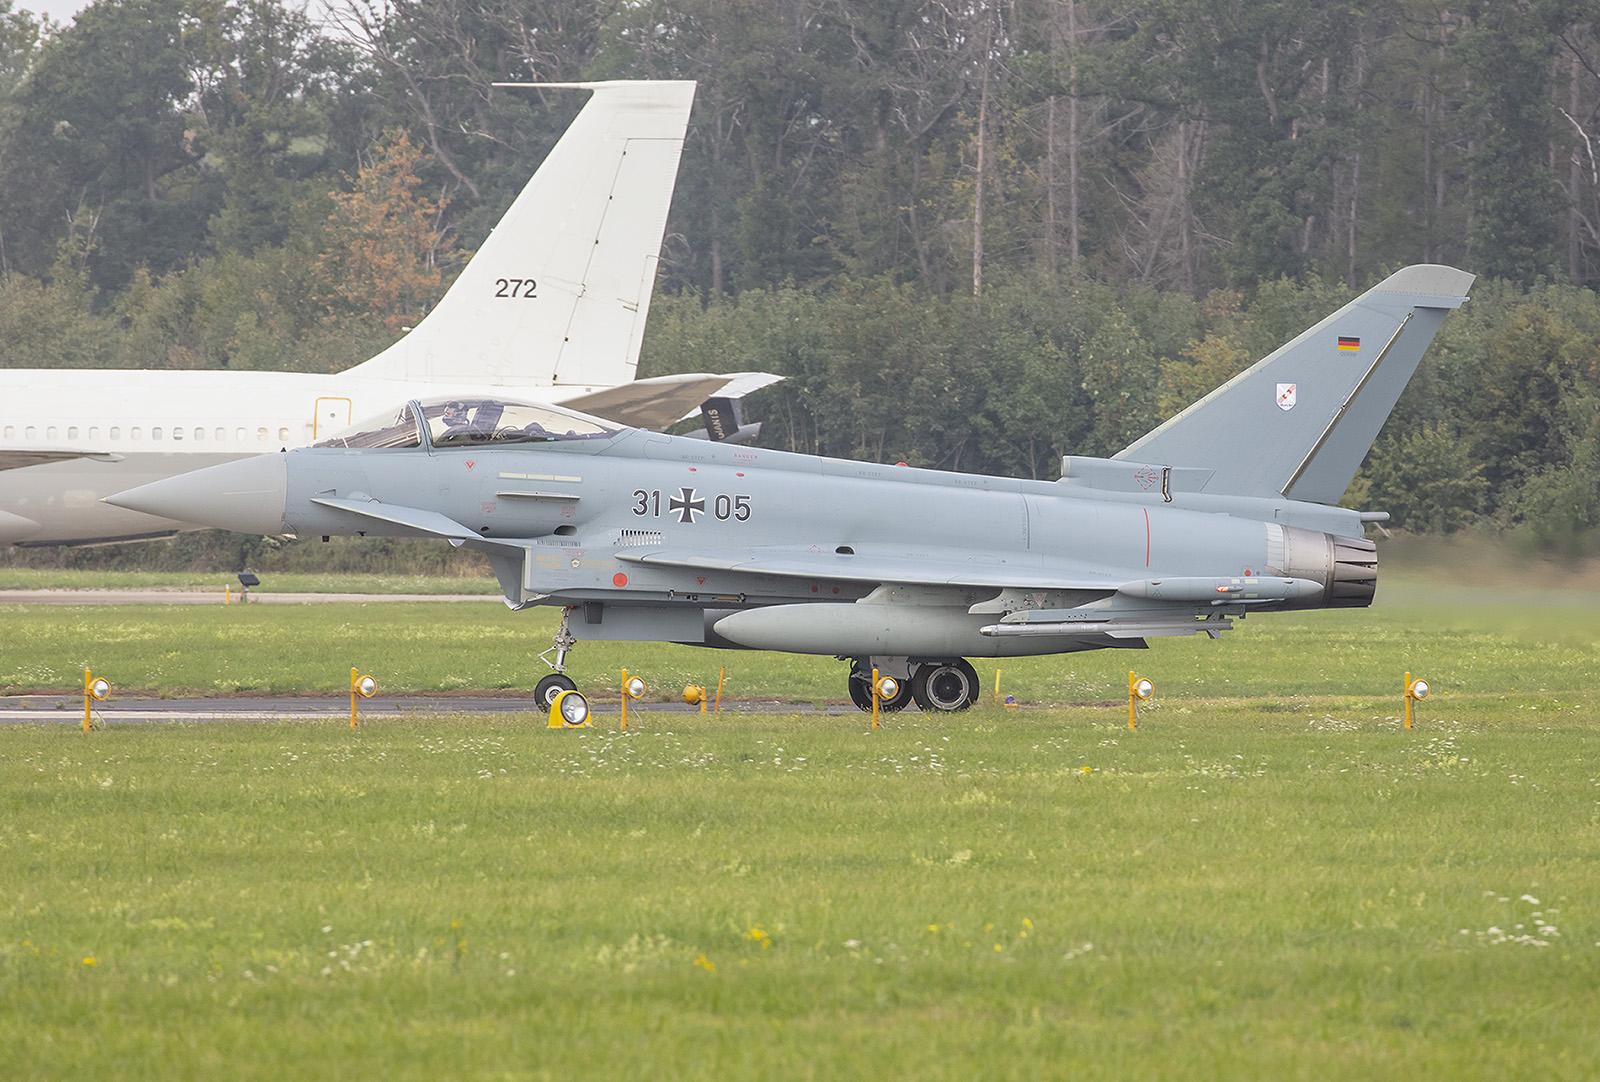 Geübt wurden Luftkämpfe sowie Angriffe auf Bodenziele.